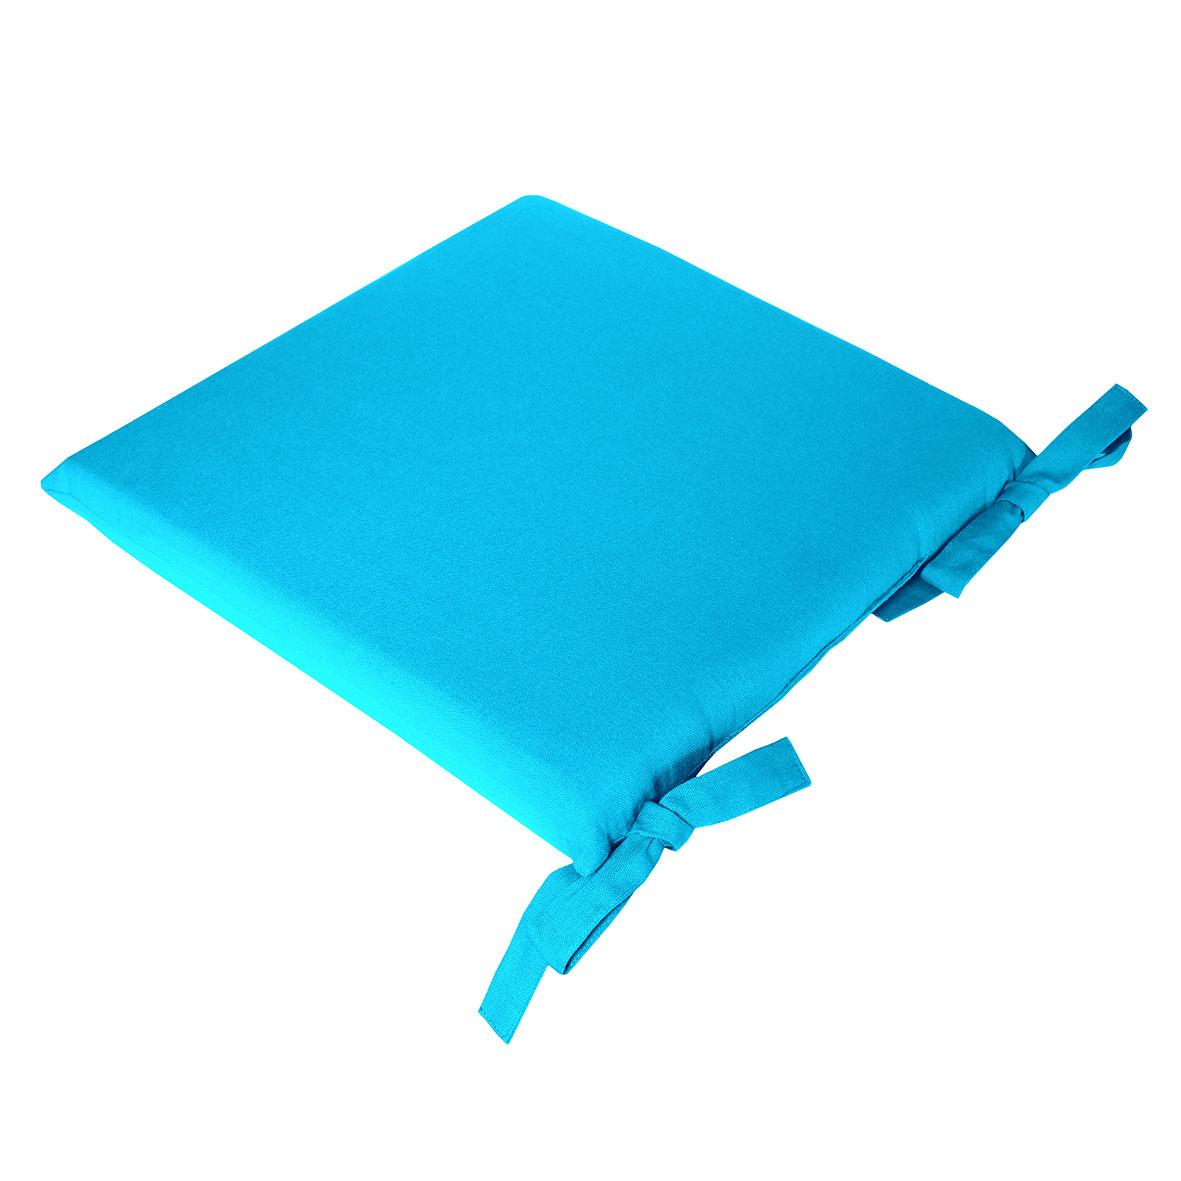 Galette de chaise uni en pur coton coton turquoise 38x38